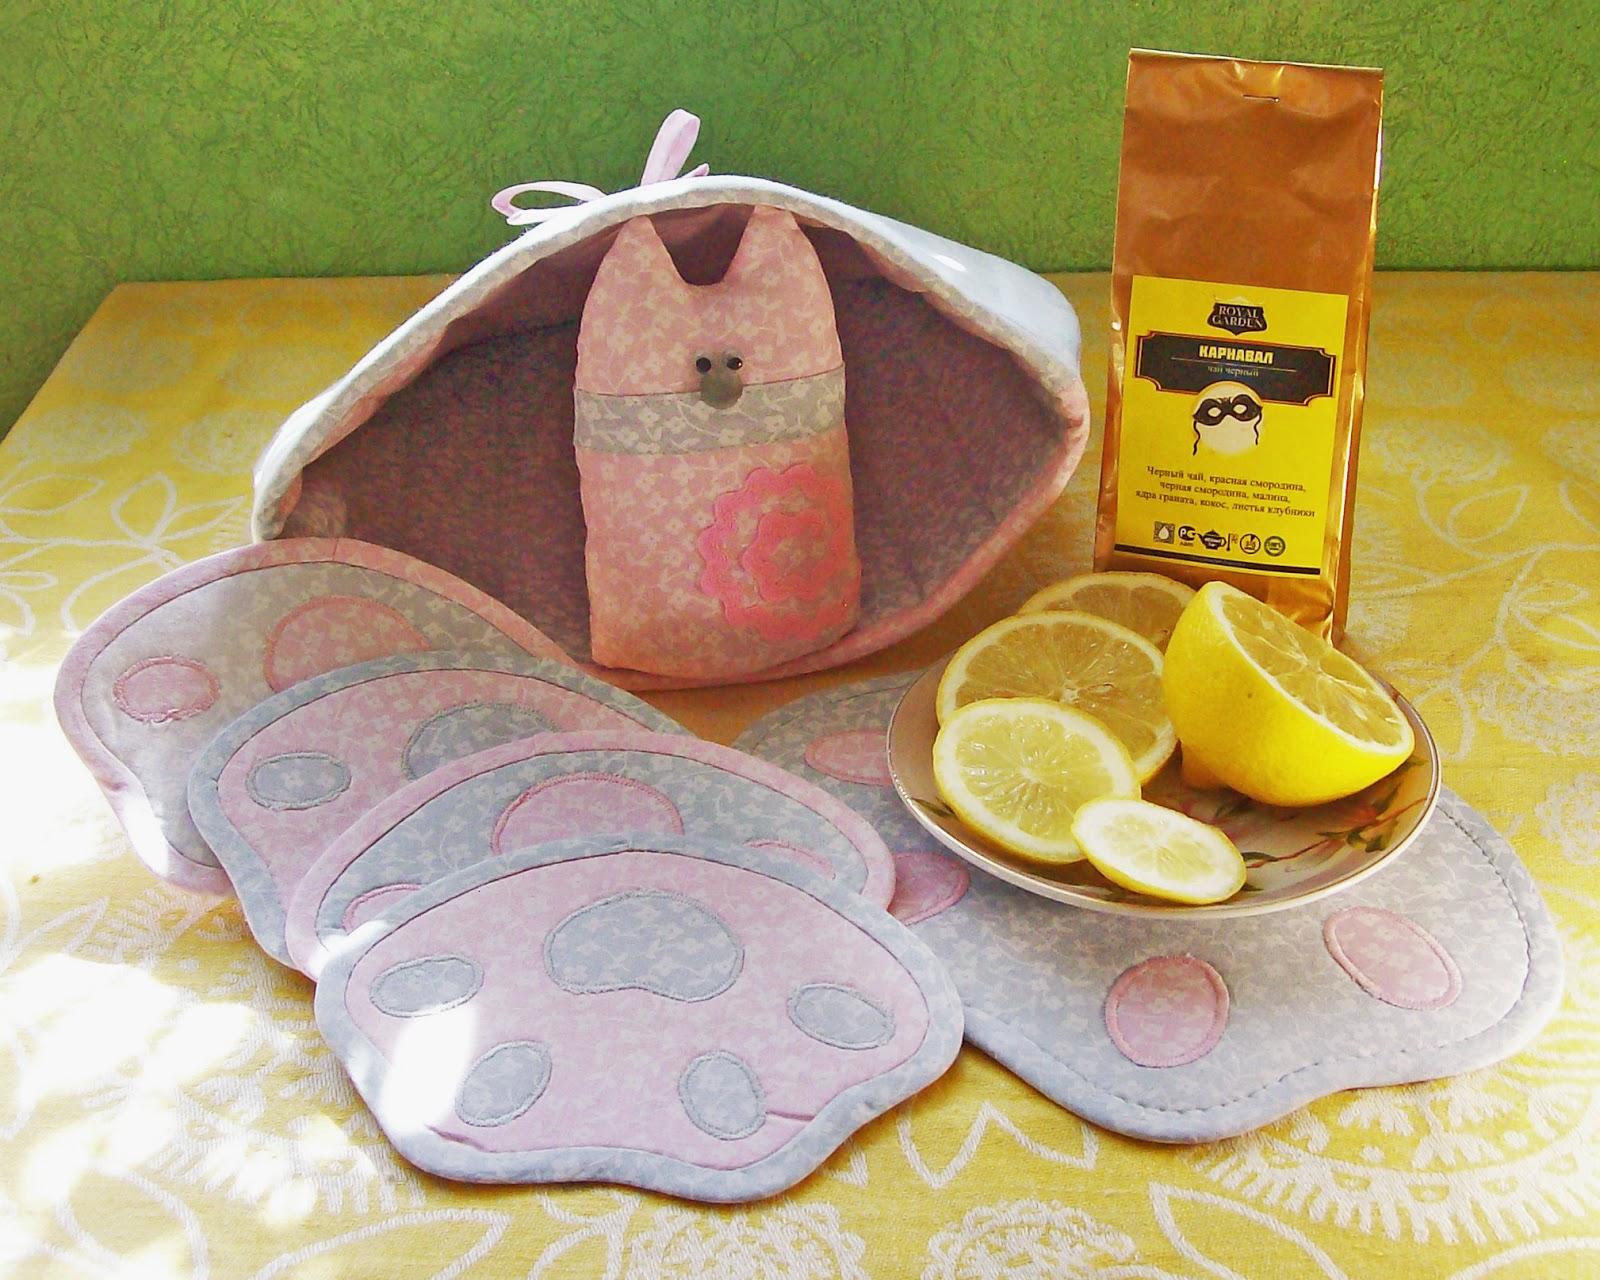 грелка на чайник, игрушка, подставки под горячее и пакетик ароматного чая в придачу)))